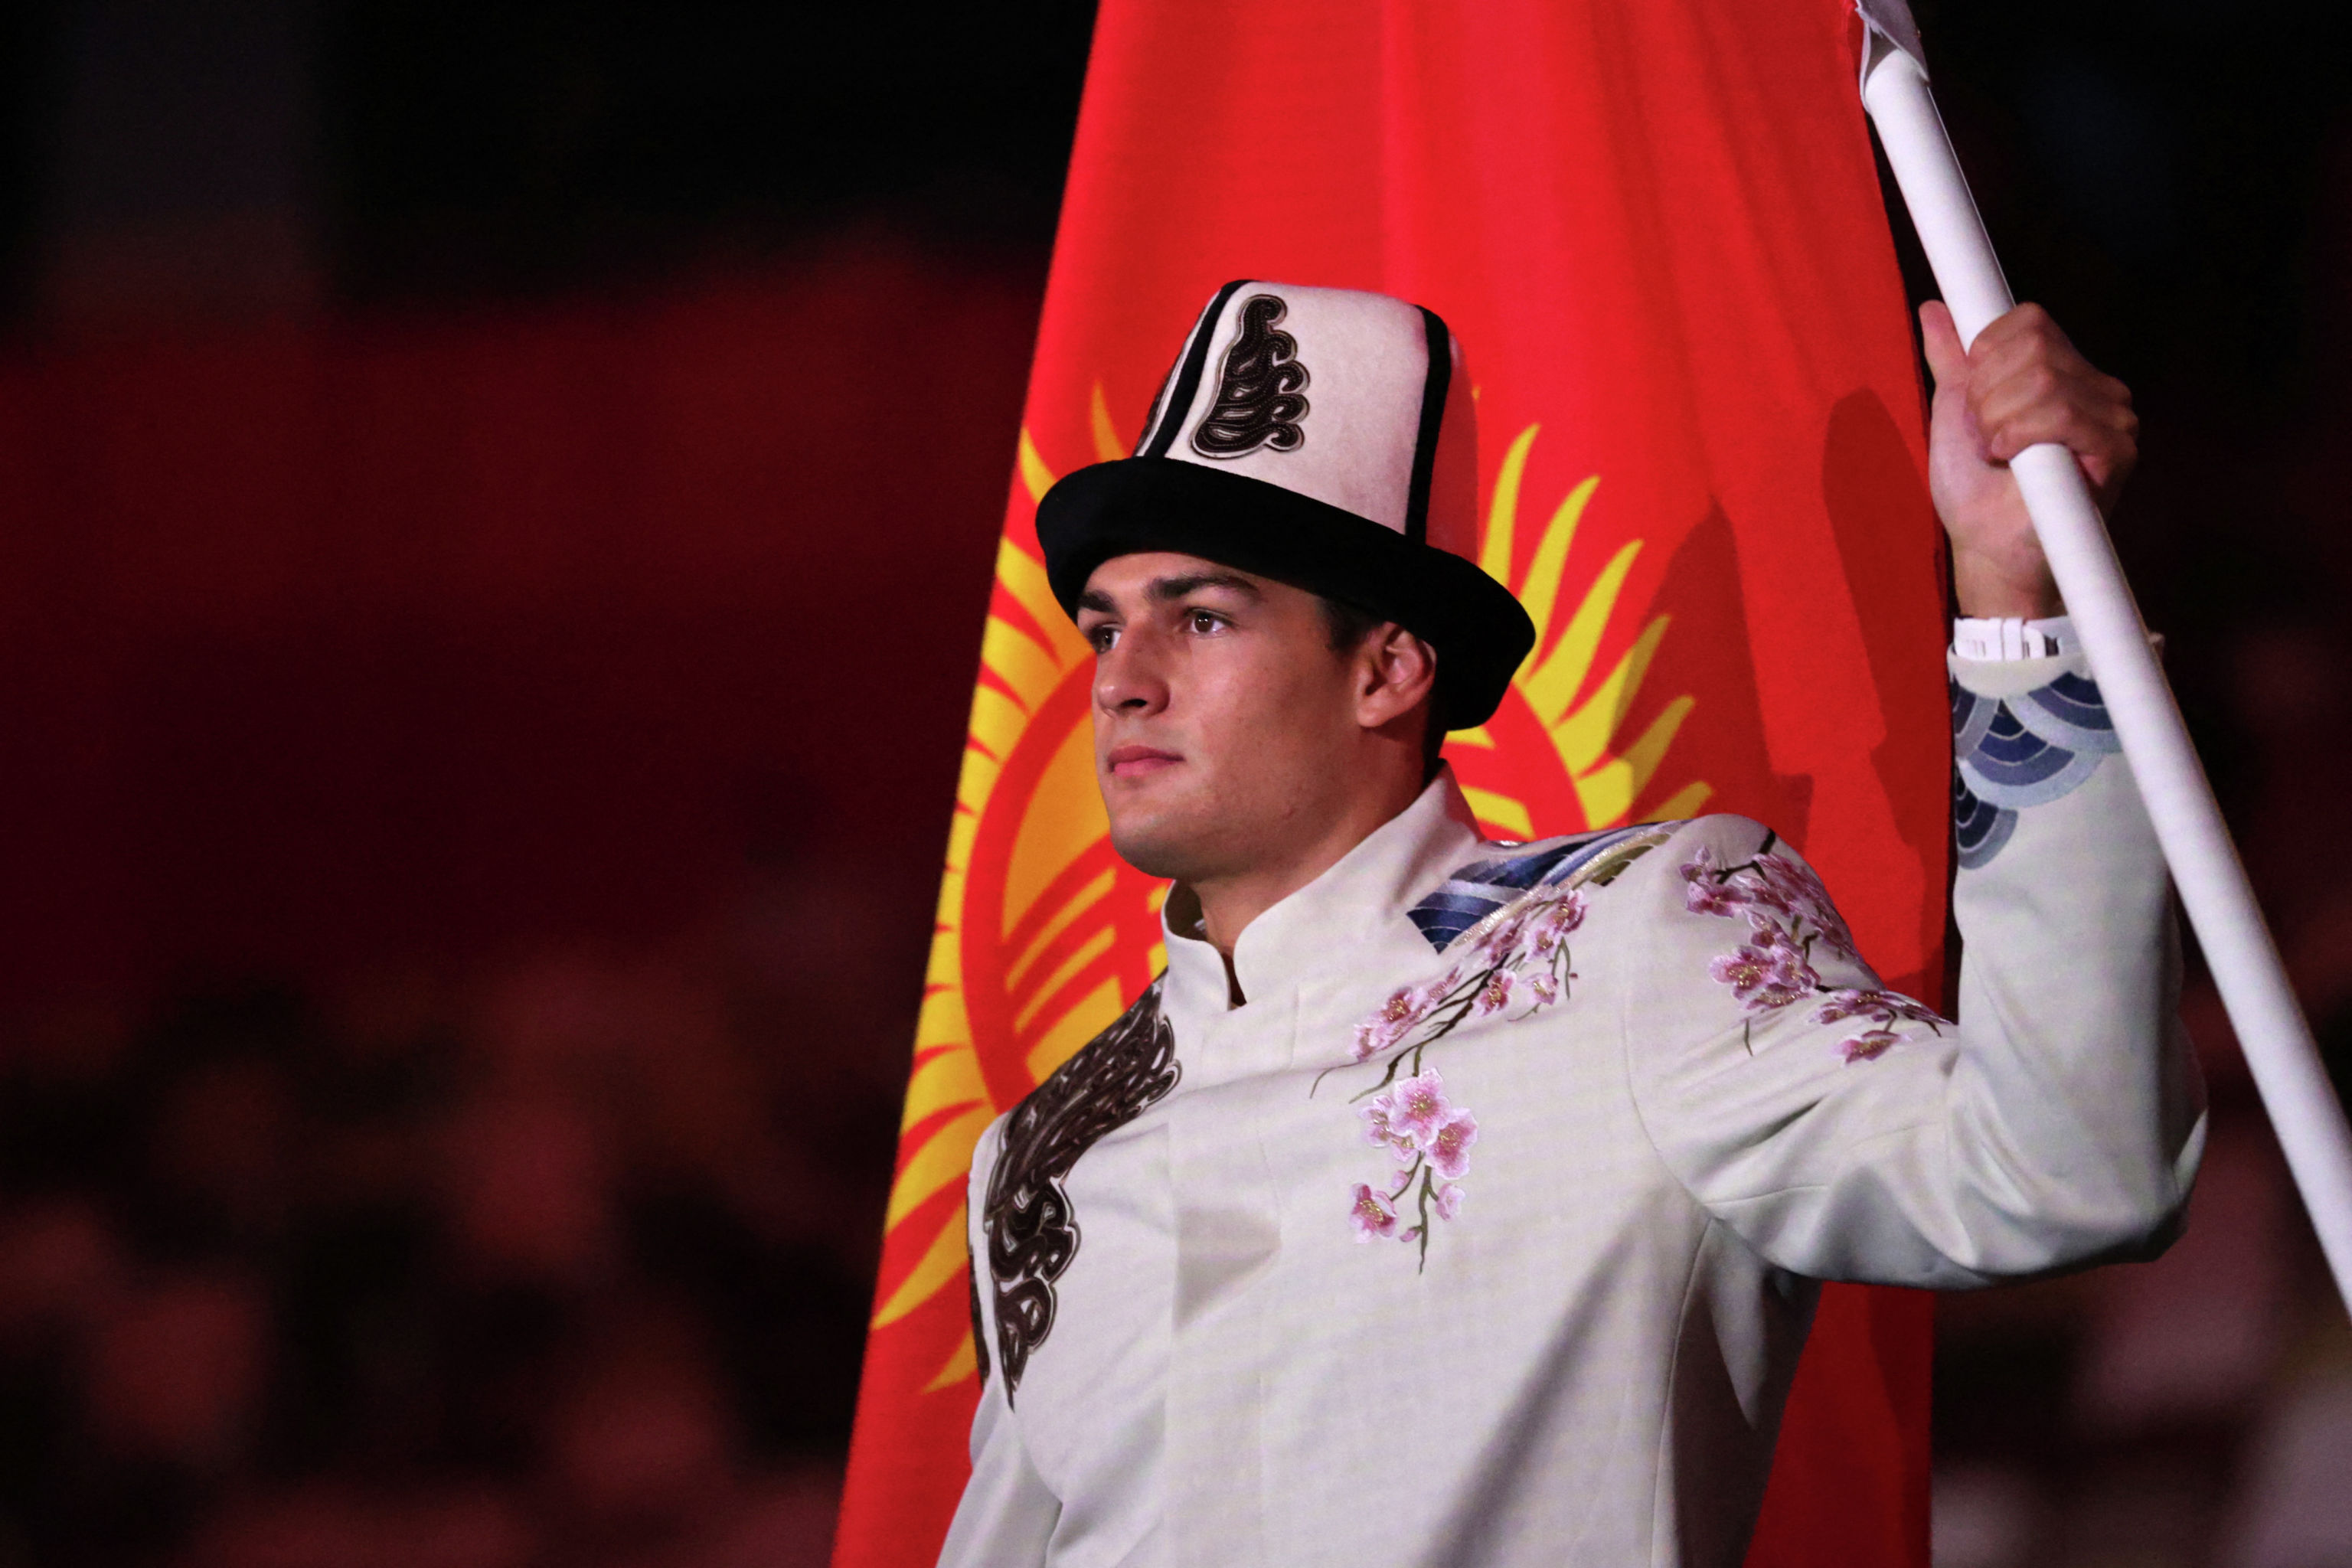 Знаменосец сборной Кыргызстана Денис Петрашов возглавляет делегацию во время церемонии открытия Олимпийских игр 2020 года в Токио